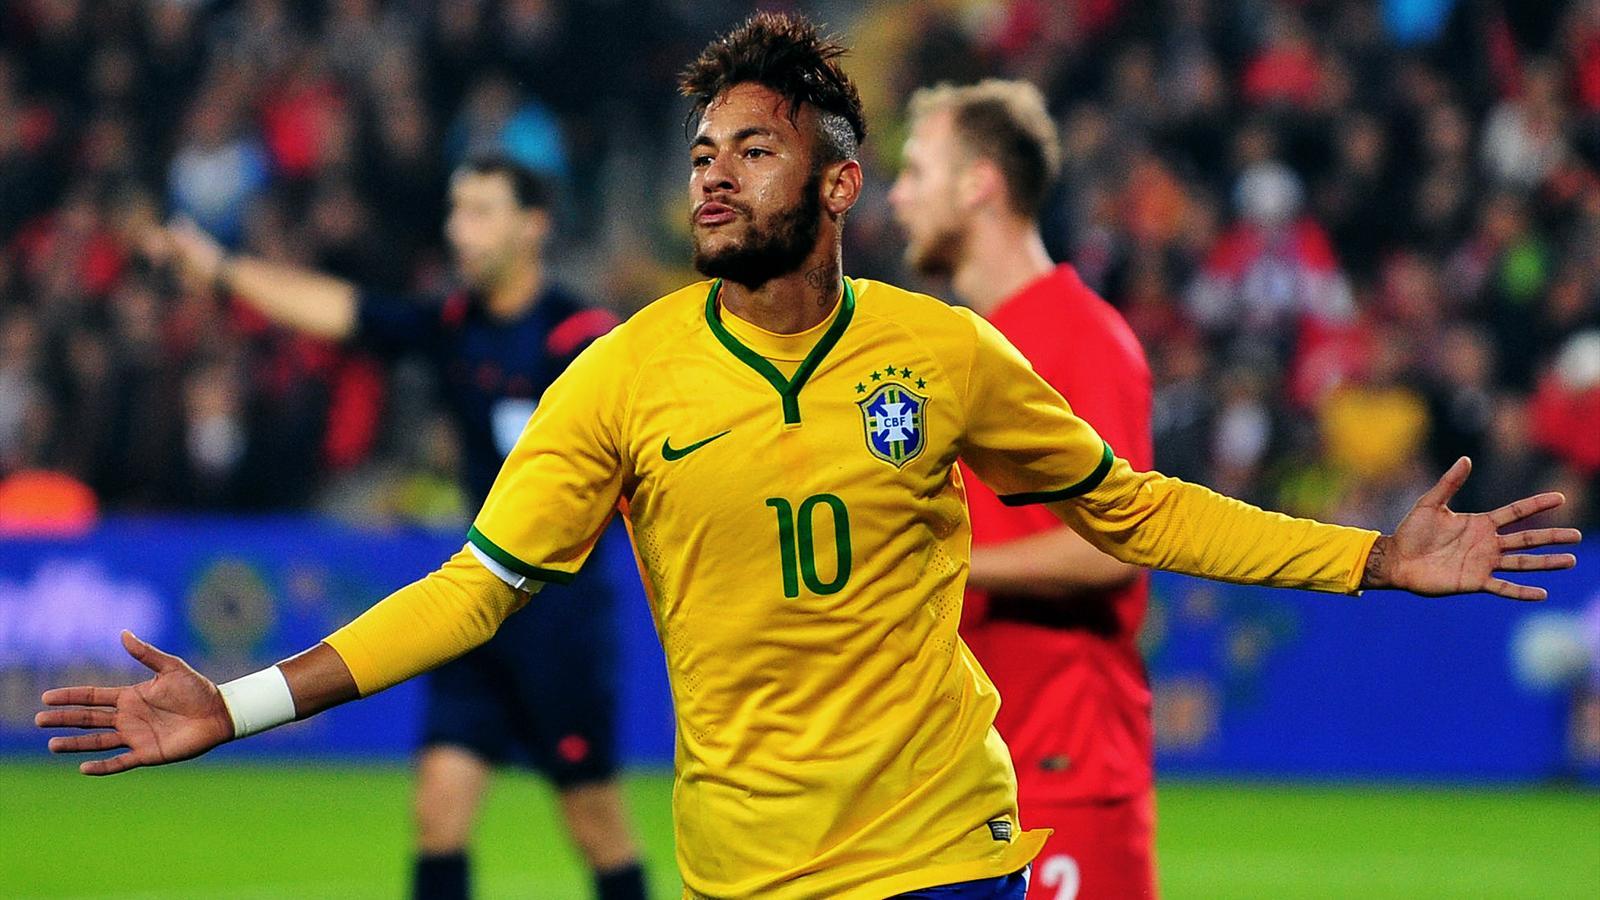 Turquie 0-4 Brésil : Le Brésil domine la Turquie à Istanbul